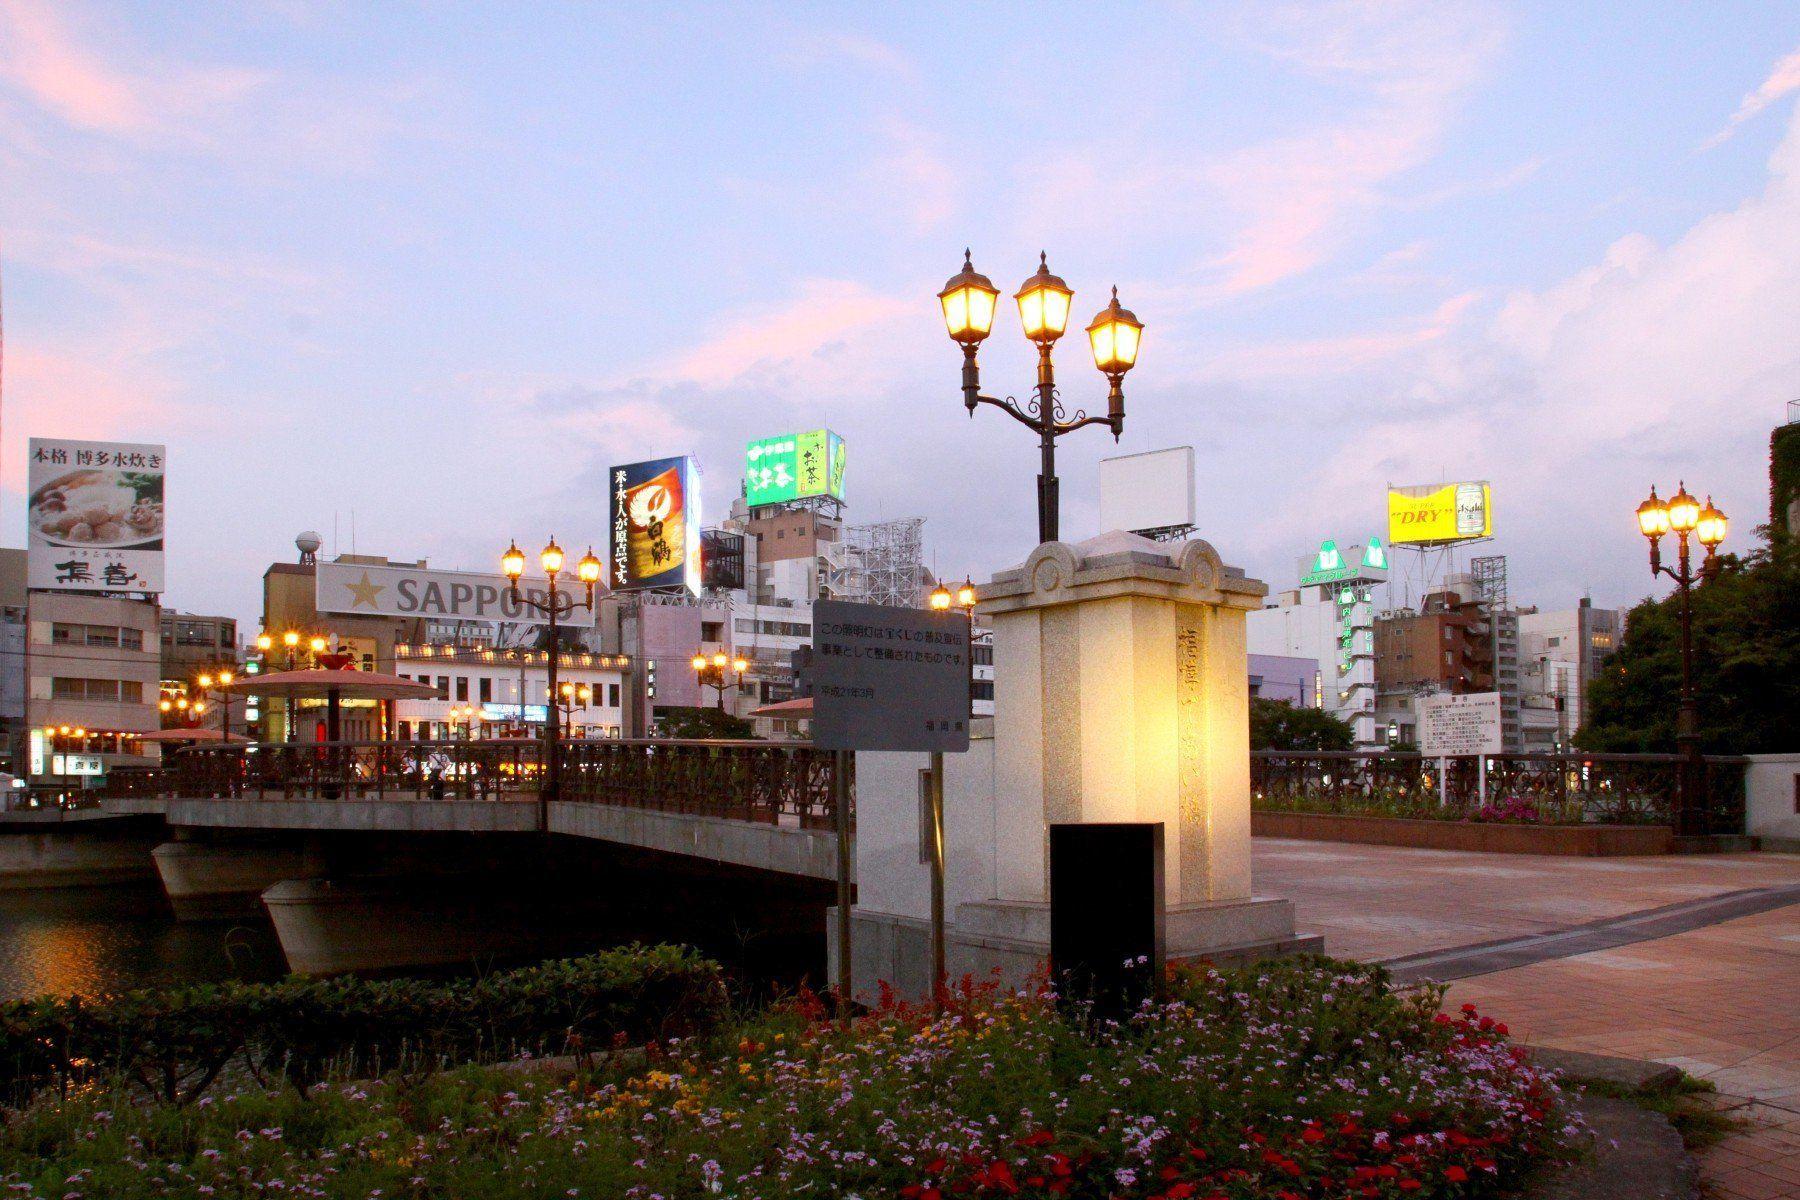 후쿠하쿠 데아이 다리 (만남의 다리)(2009)의 이미지